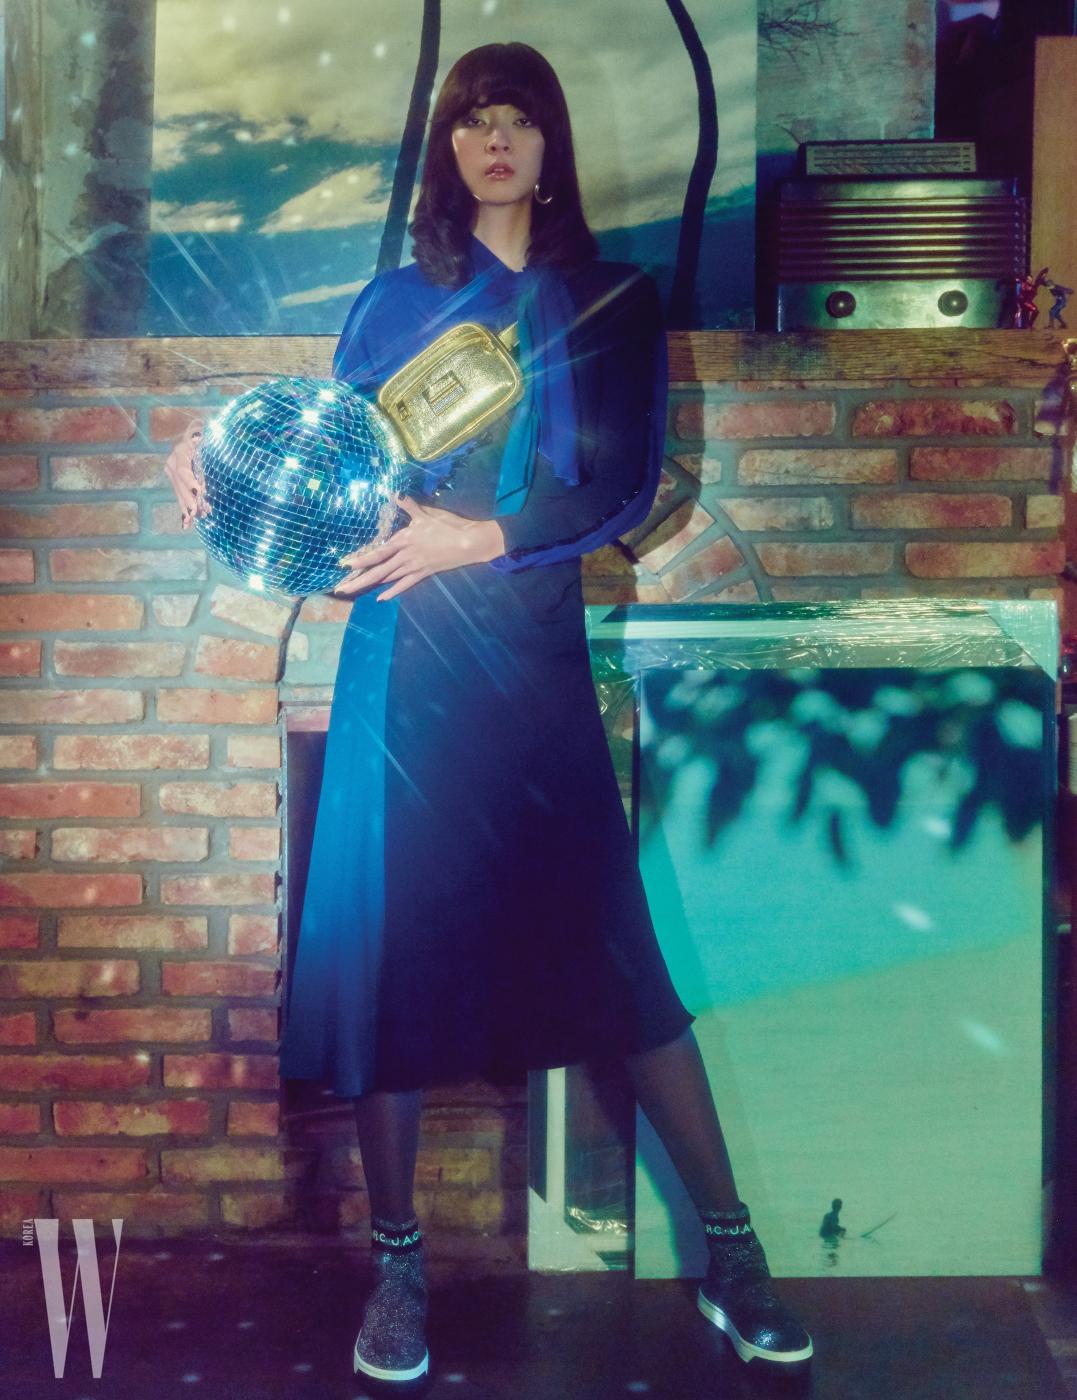 비즈 장식의 컬러 블록 원피스, 골드 벨트백, 메탈릭 로고 스니커즈는 모두 Marc Jacobs 제품.